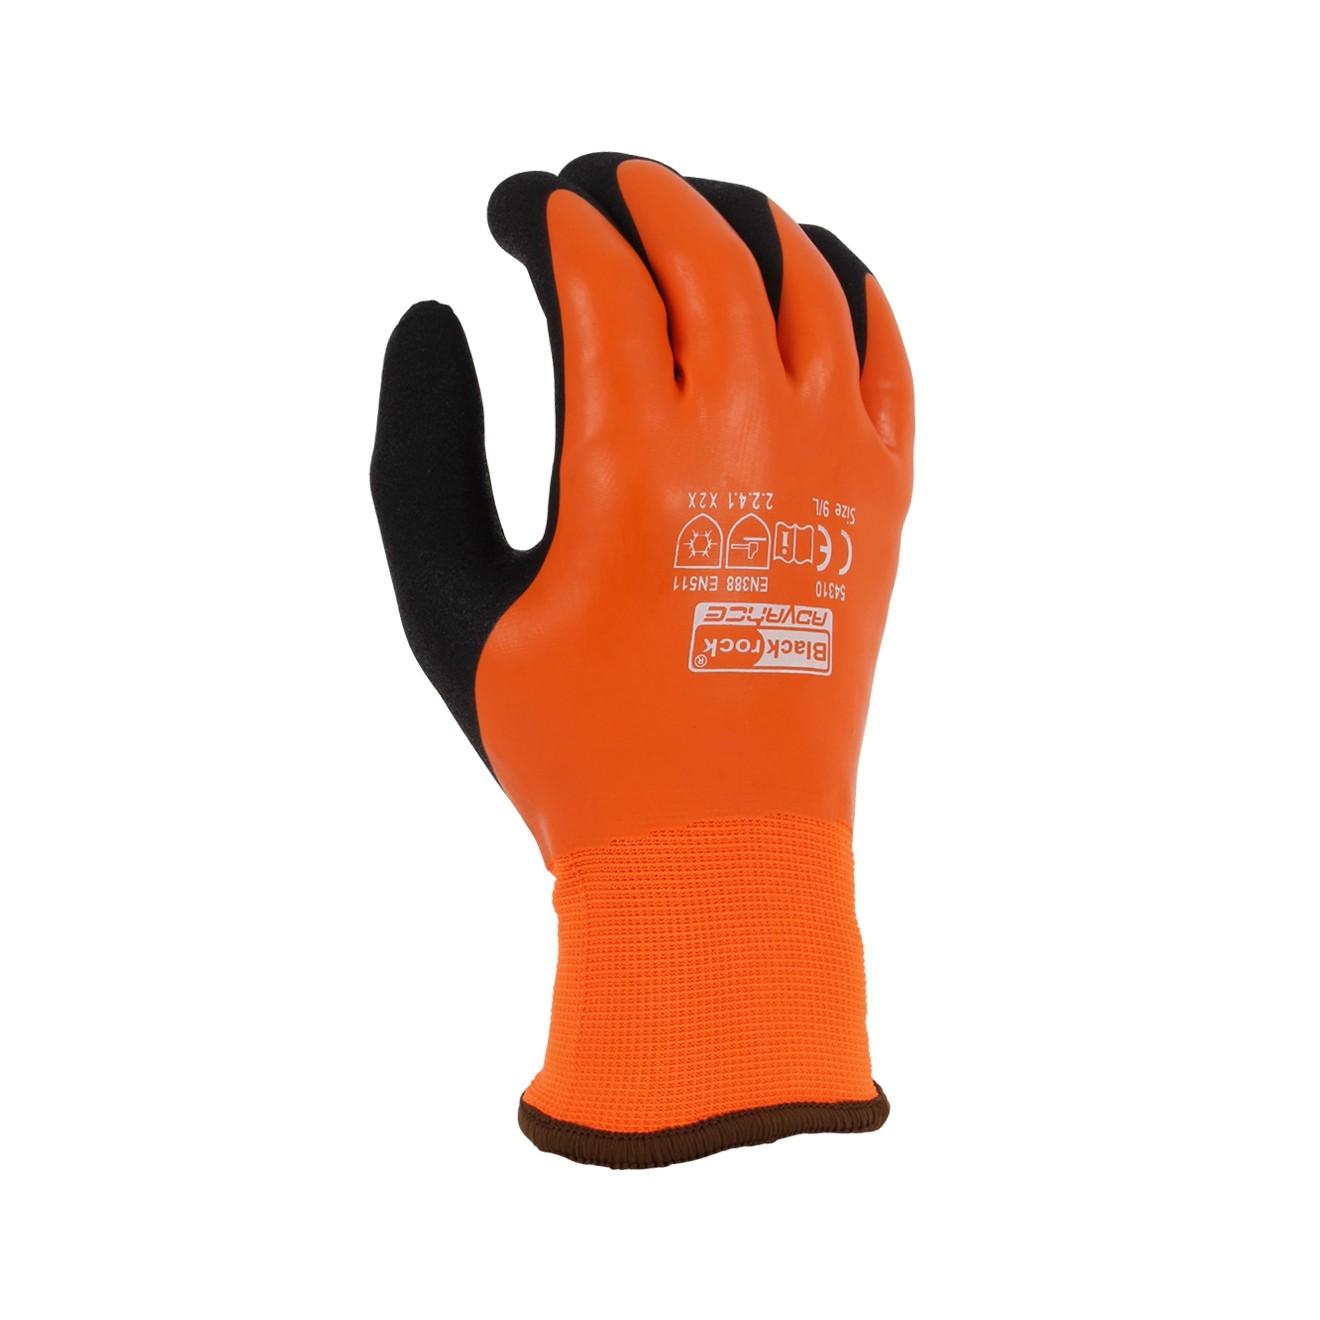 Watertite Waterproof Thermal Work Glove